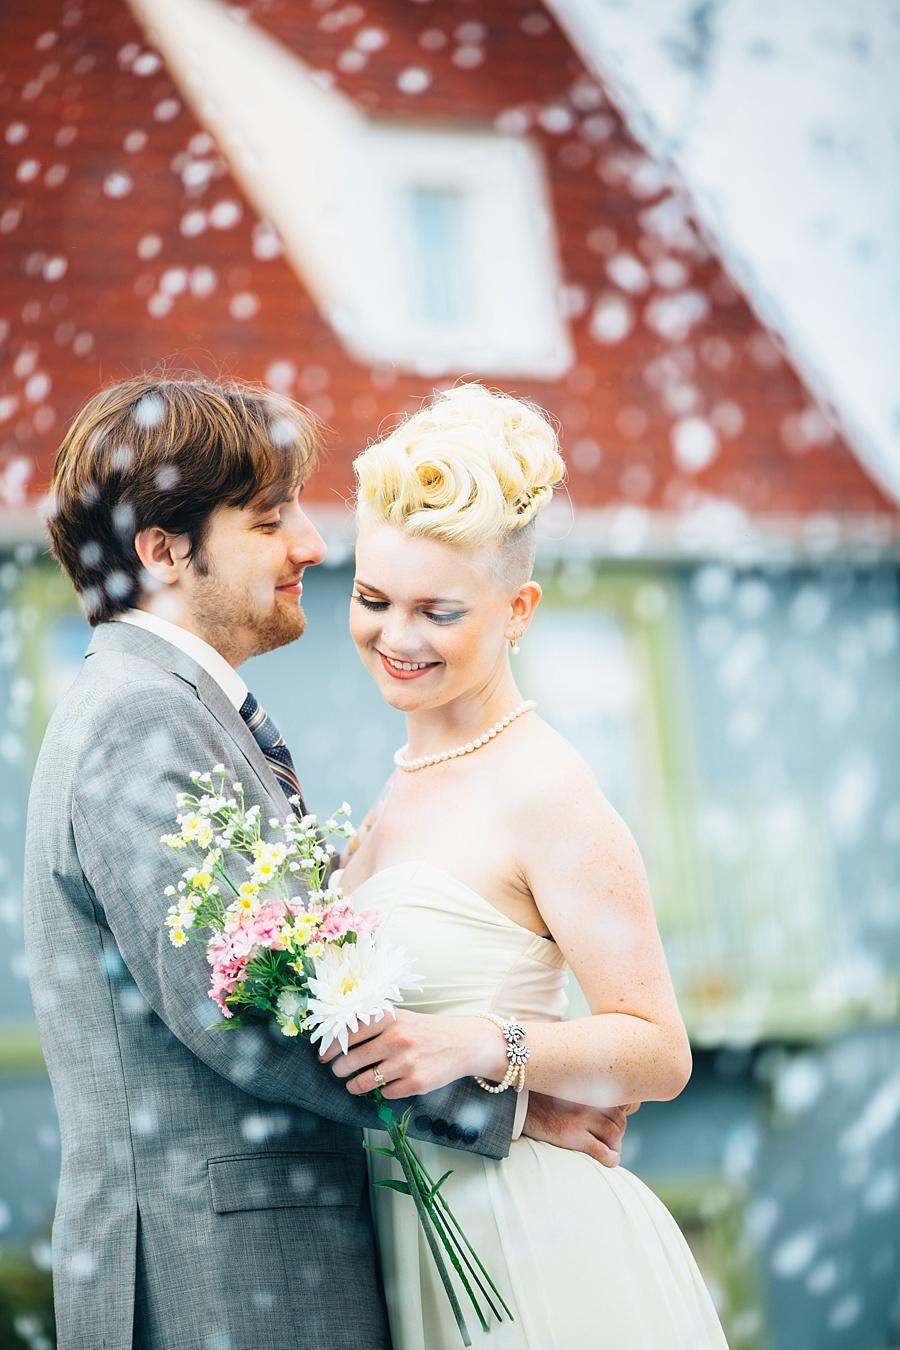 stoudts-brewery-wedding-adamstown-pa0031.jpg